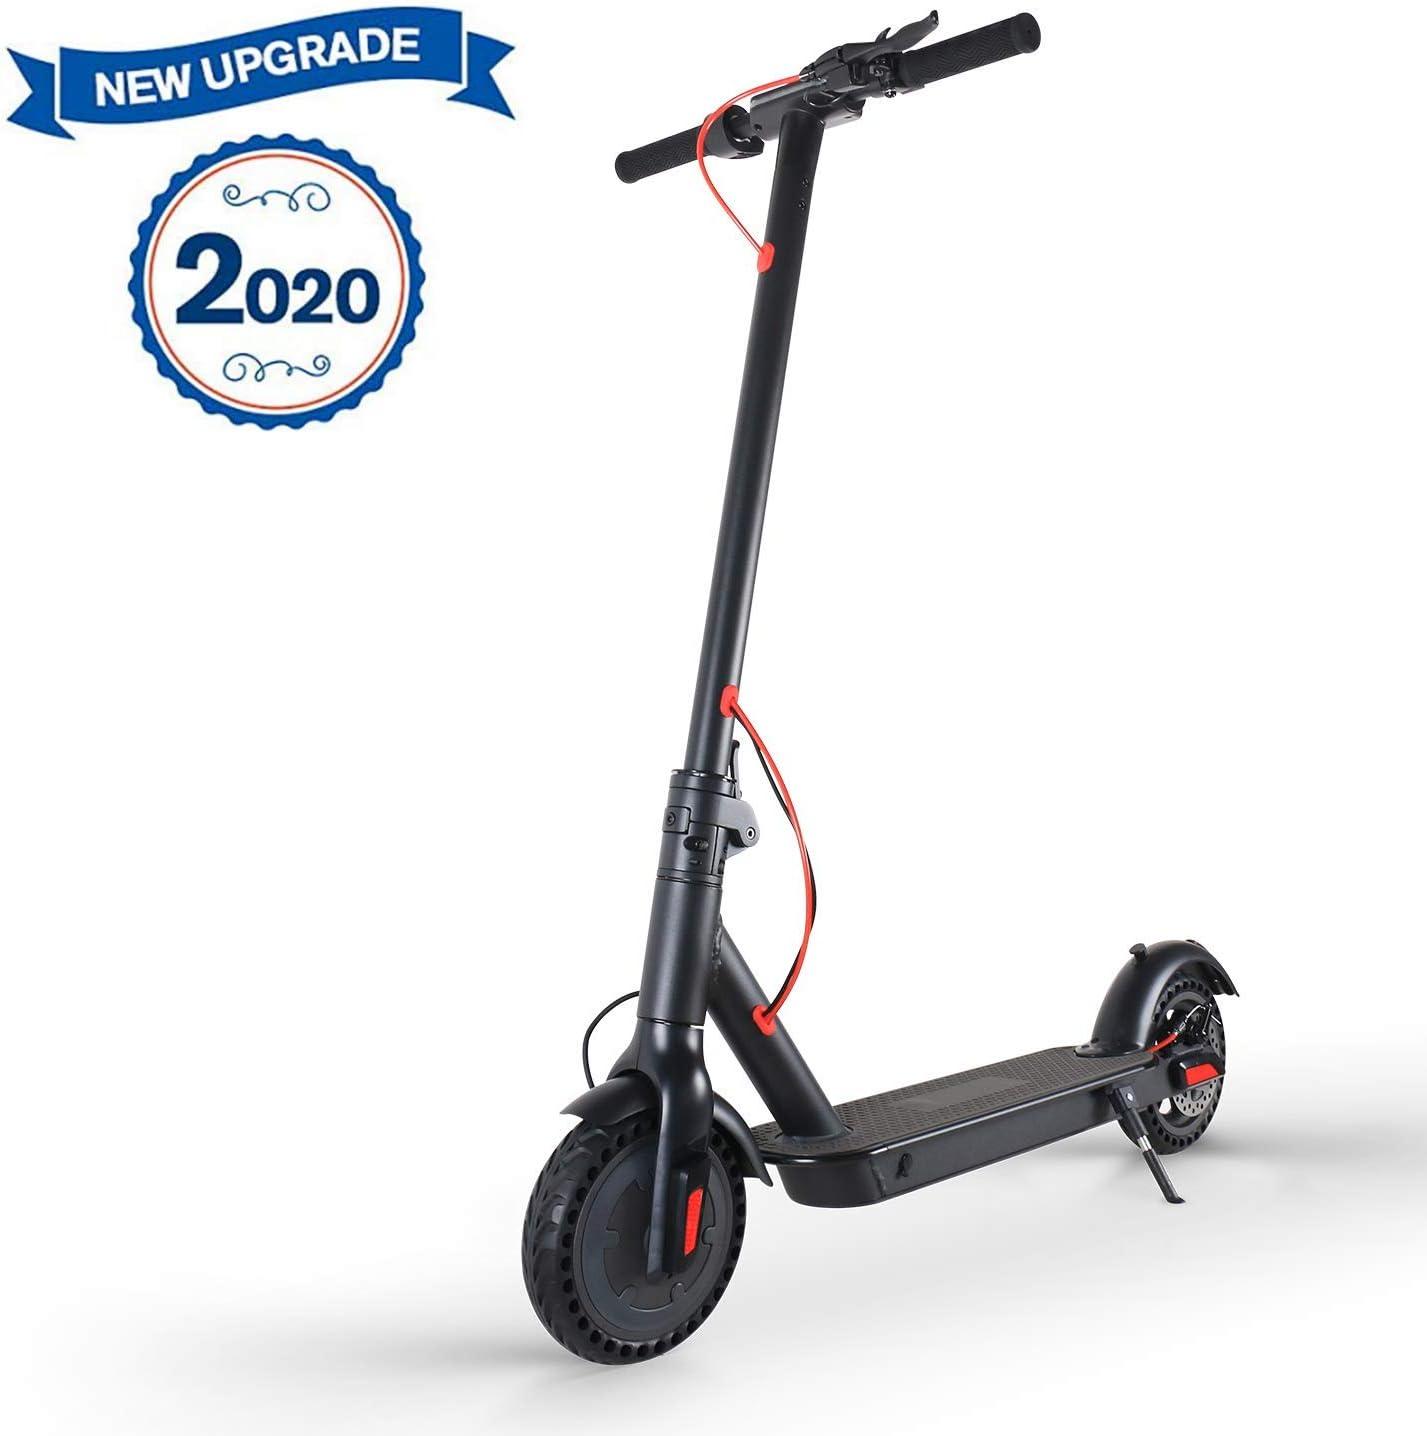 Windgoo Patinete Electrico Adultos, 250W Motor Patinete Plegable 25 km/h y 18 km, Scooter Eléctrico Adulto con Ruedas de 8,5